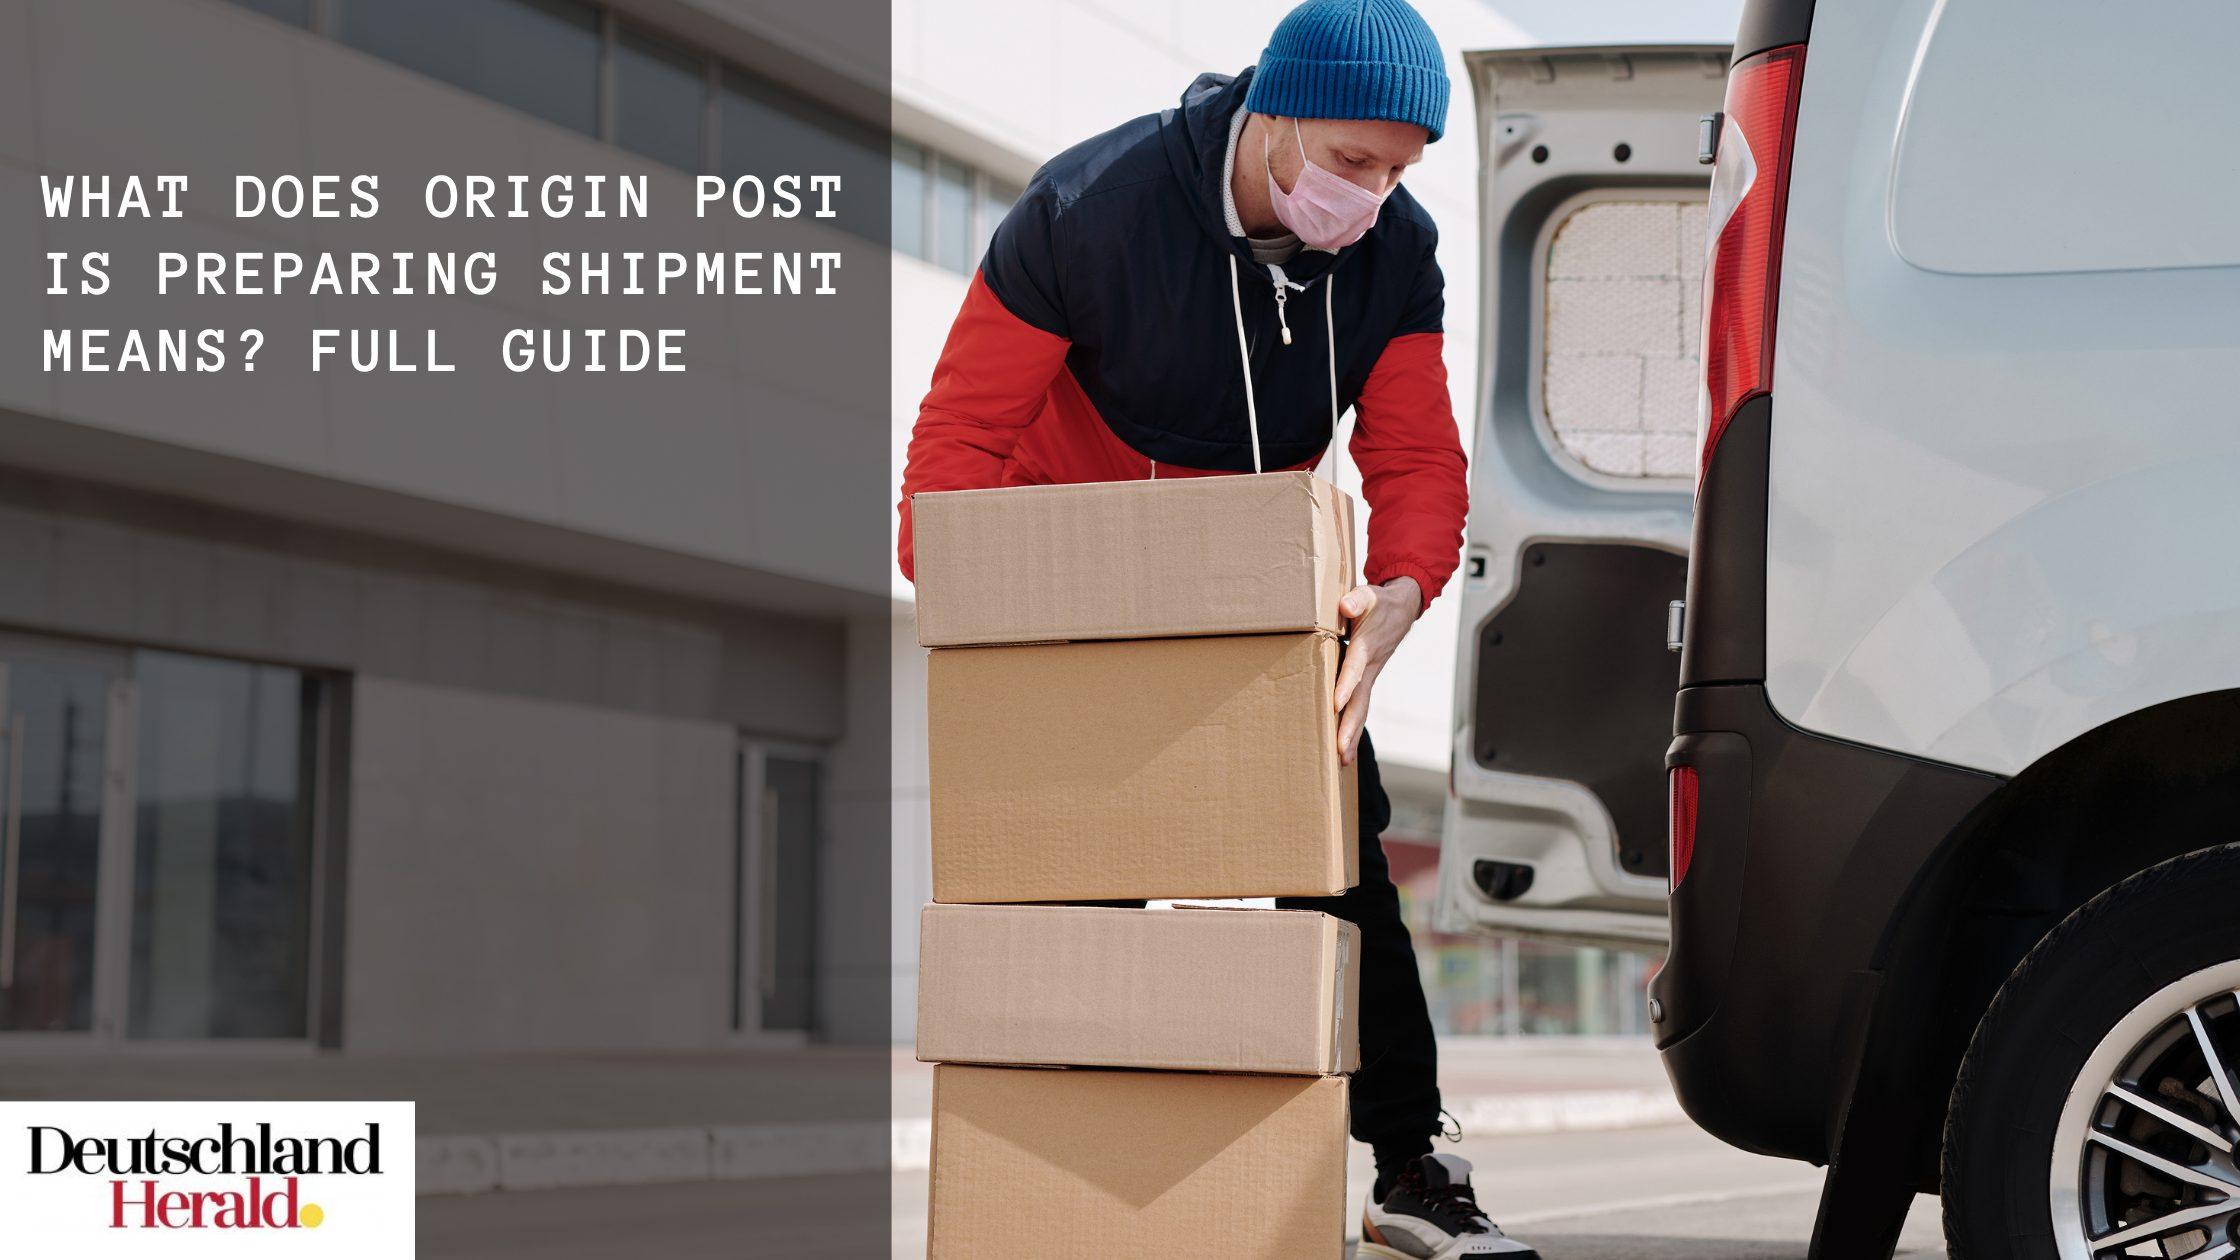 Origin Post Is Preparing Shipment